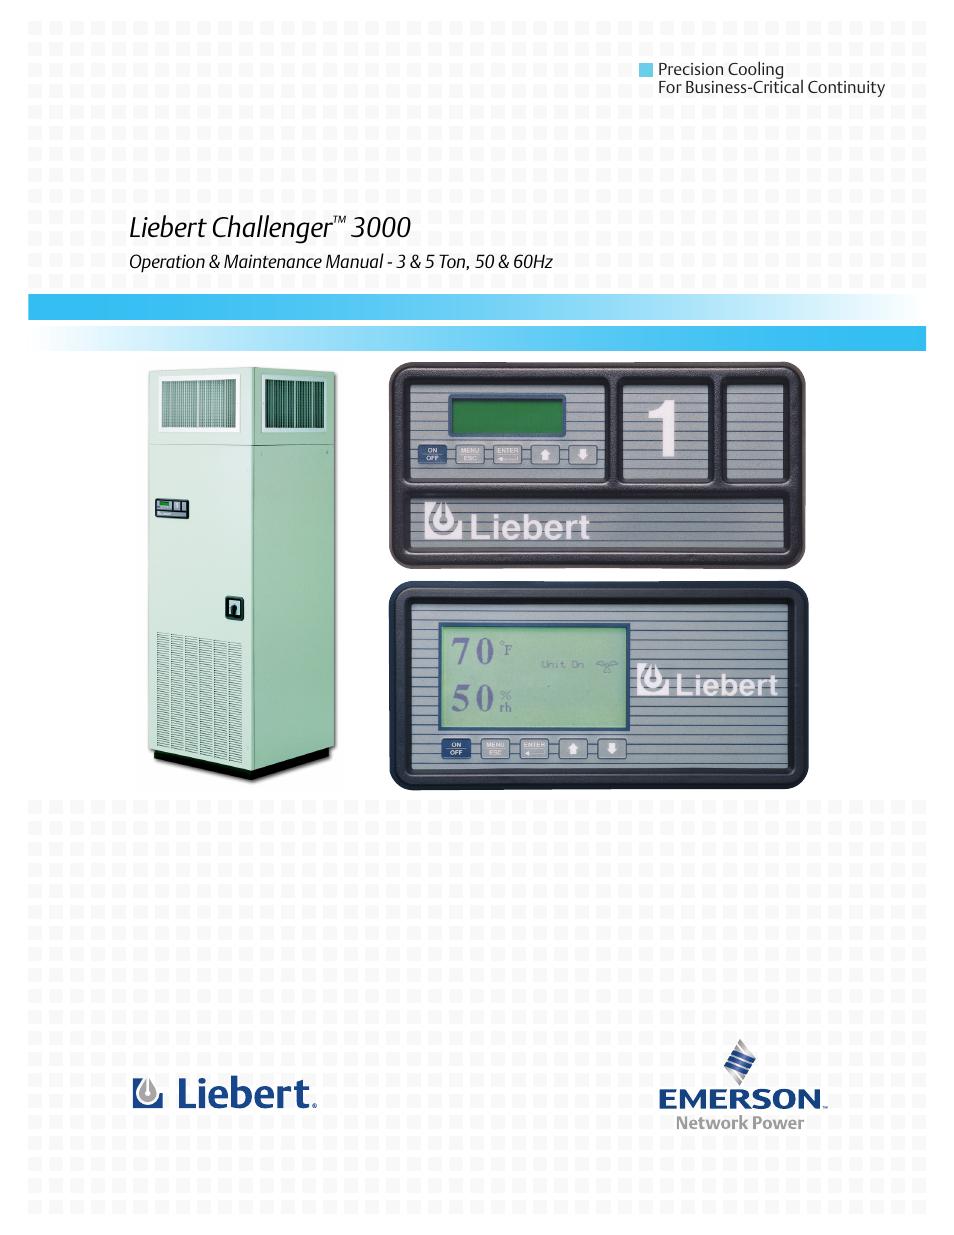 liebert challenger 3000 user manual 76 pages rh manualsdir com liebert hiross air conditioning+manual Liebert Parts